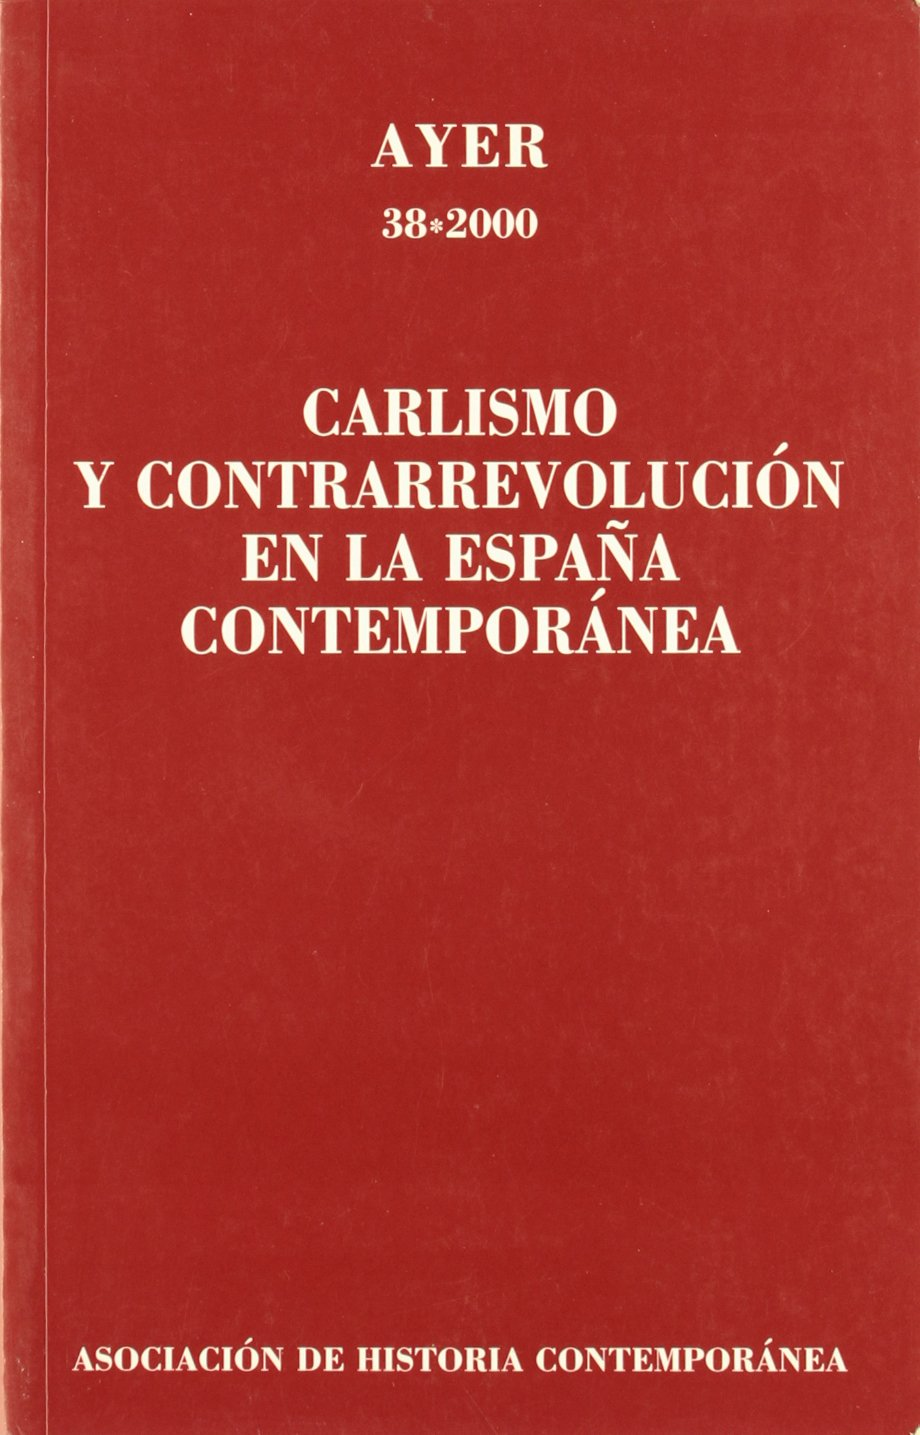 CARLISMO Y CONTRARREVOLUCIÓN EN LA ESPAÑA CONTEMPORÁNEA.: Ayer 38 Revista Ayer: Amazon.es: Millán, Jesús: Libros